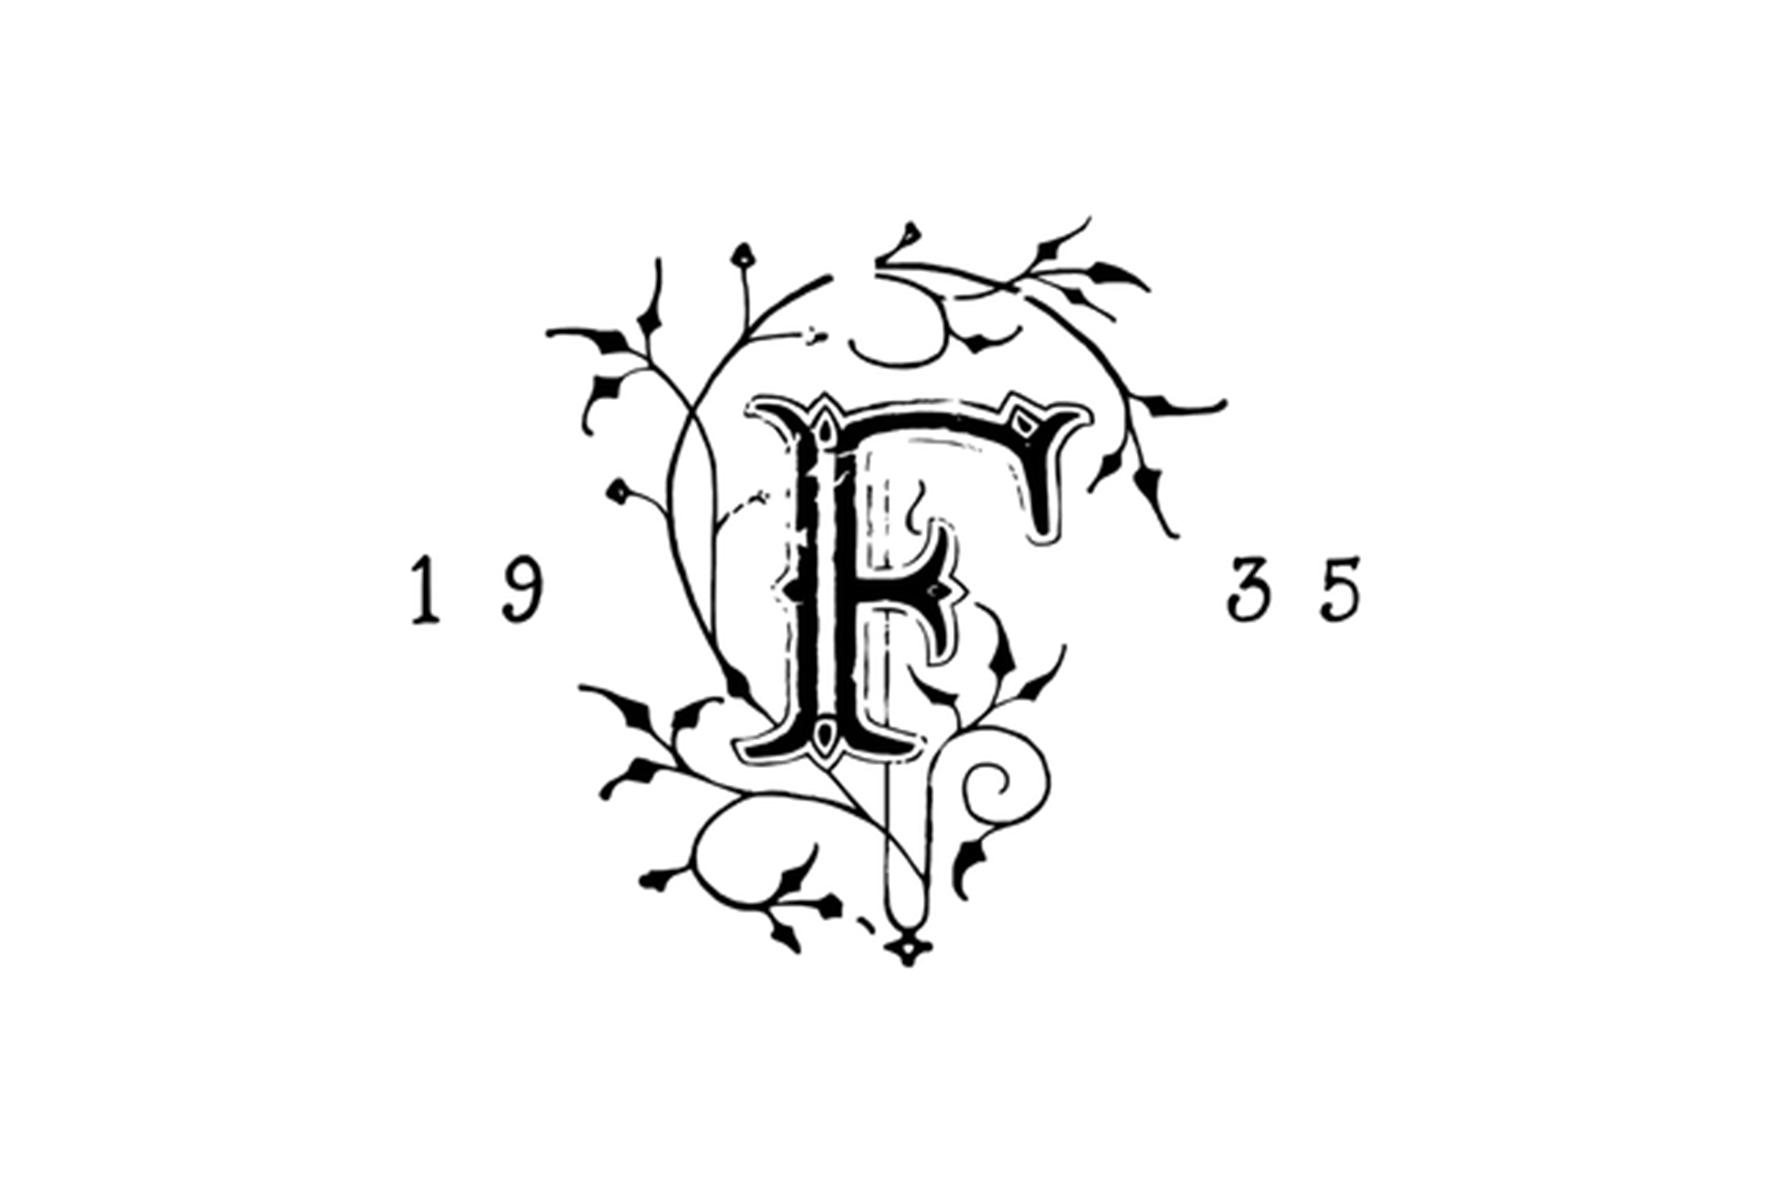 Forsburg 1935